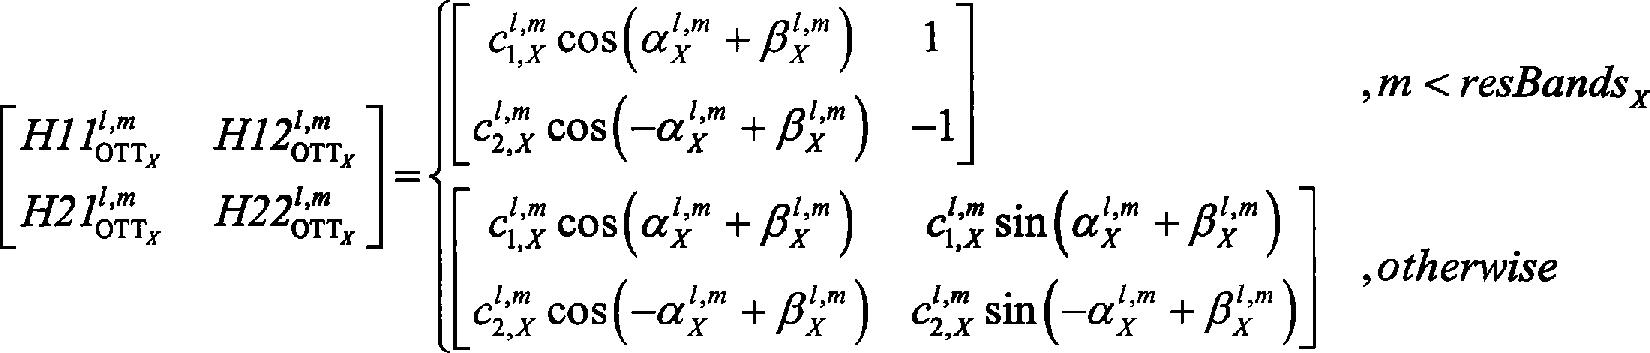 Figure DE112015003108T5_0033